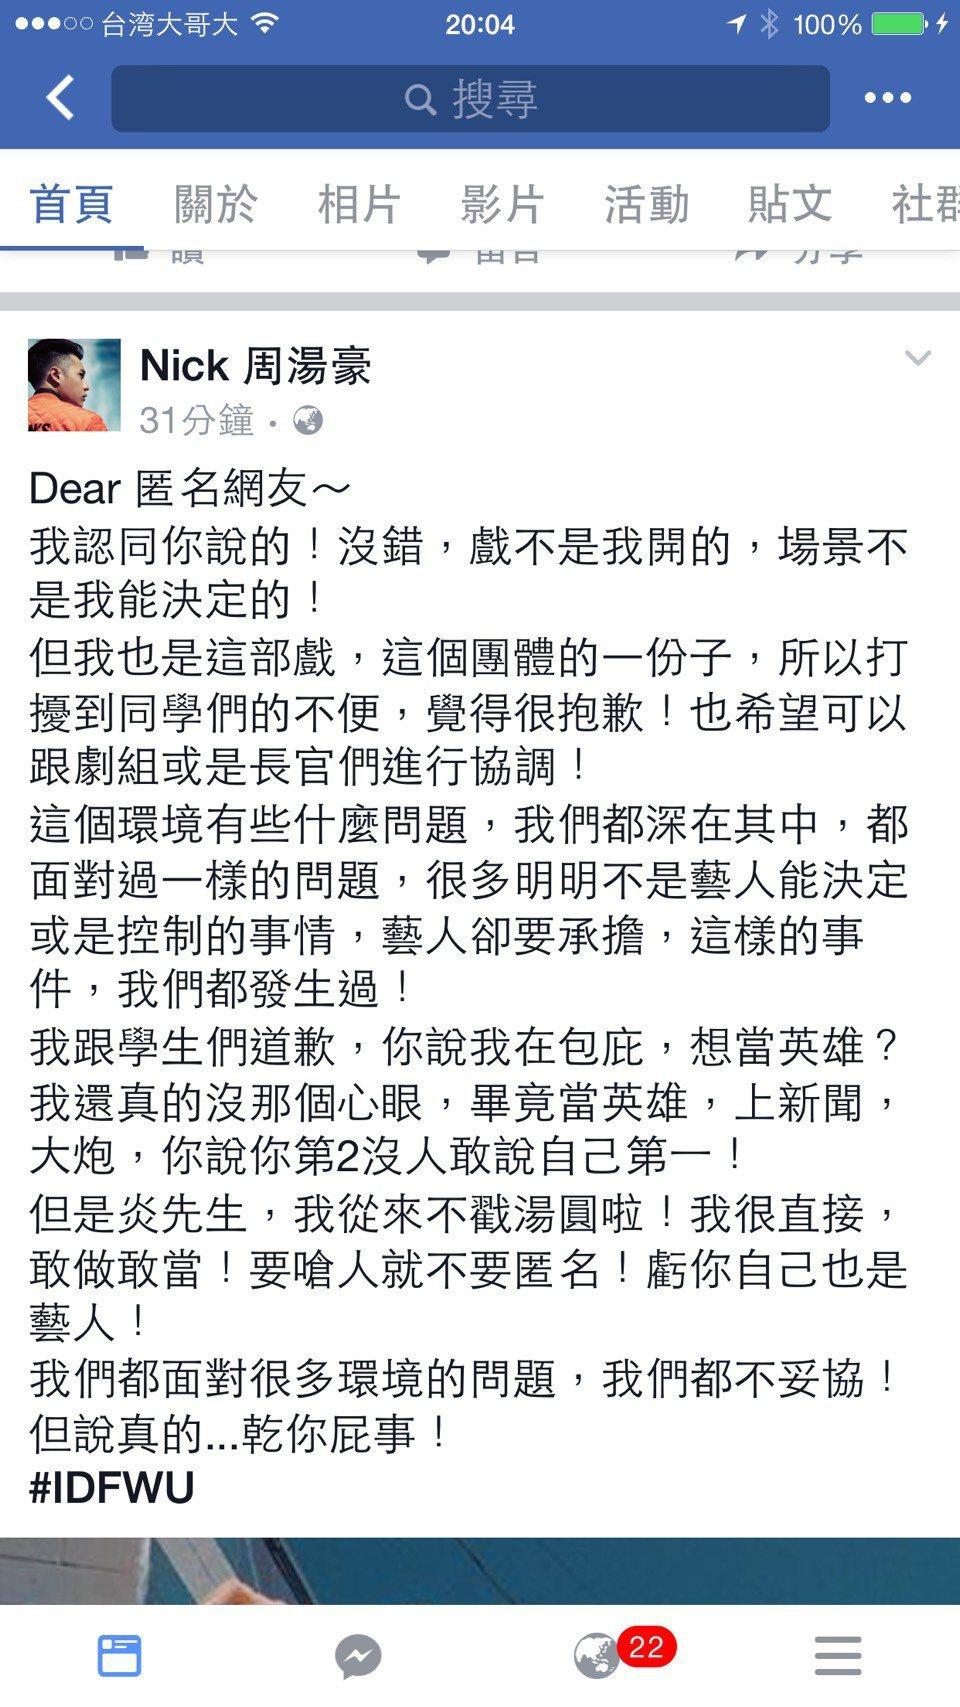 周湯豪發文回嗆,但文章開頭以改為「Dear 匿名網友」。圖/摘自周湯豪臉書